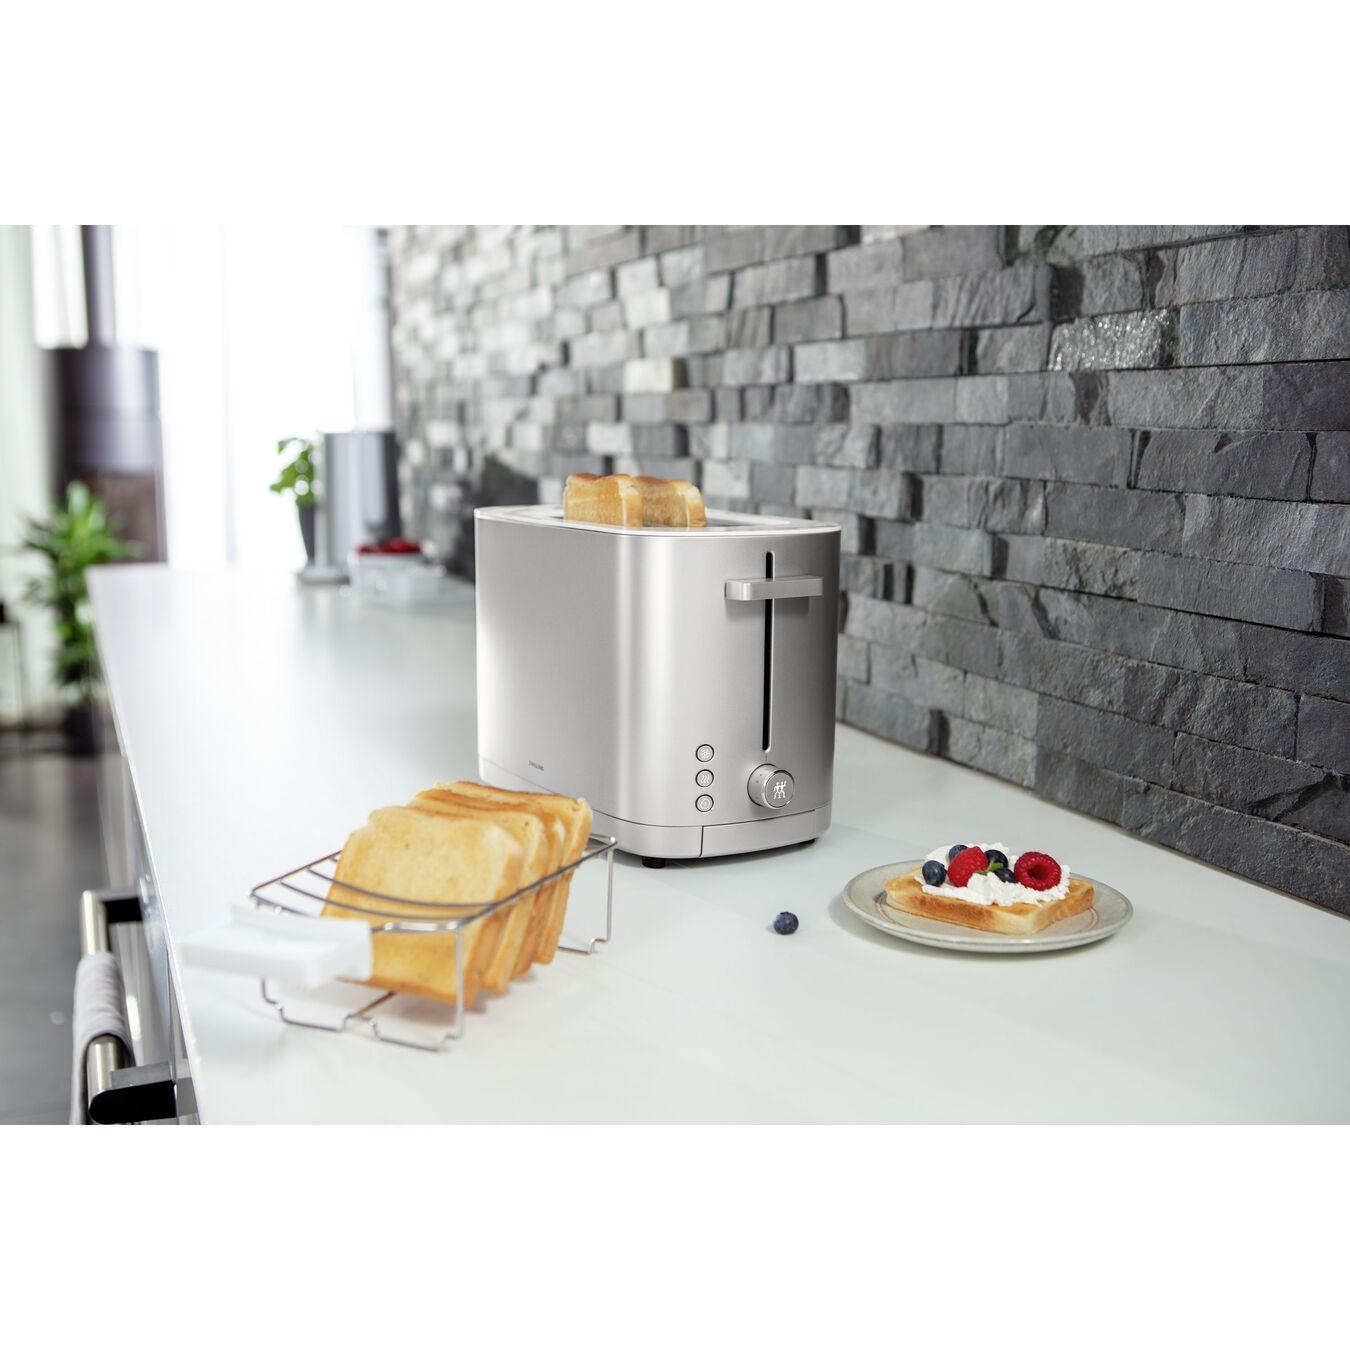 Ekmek Kızartma Makinesi çörek ısıtıcılı | 2 yuva 2 dilim,,large 2